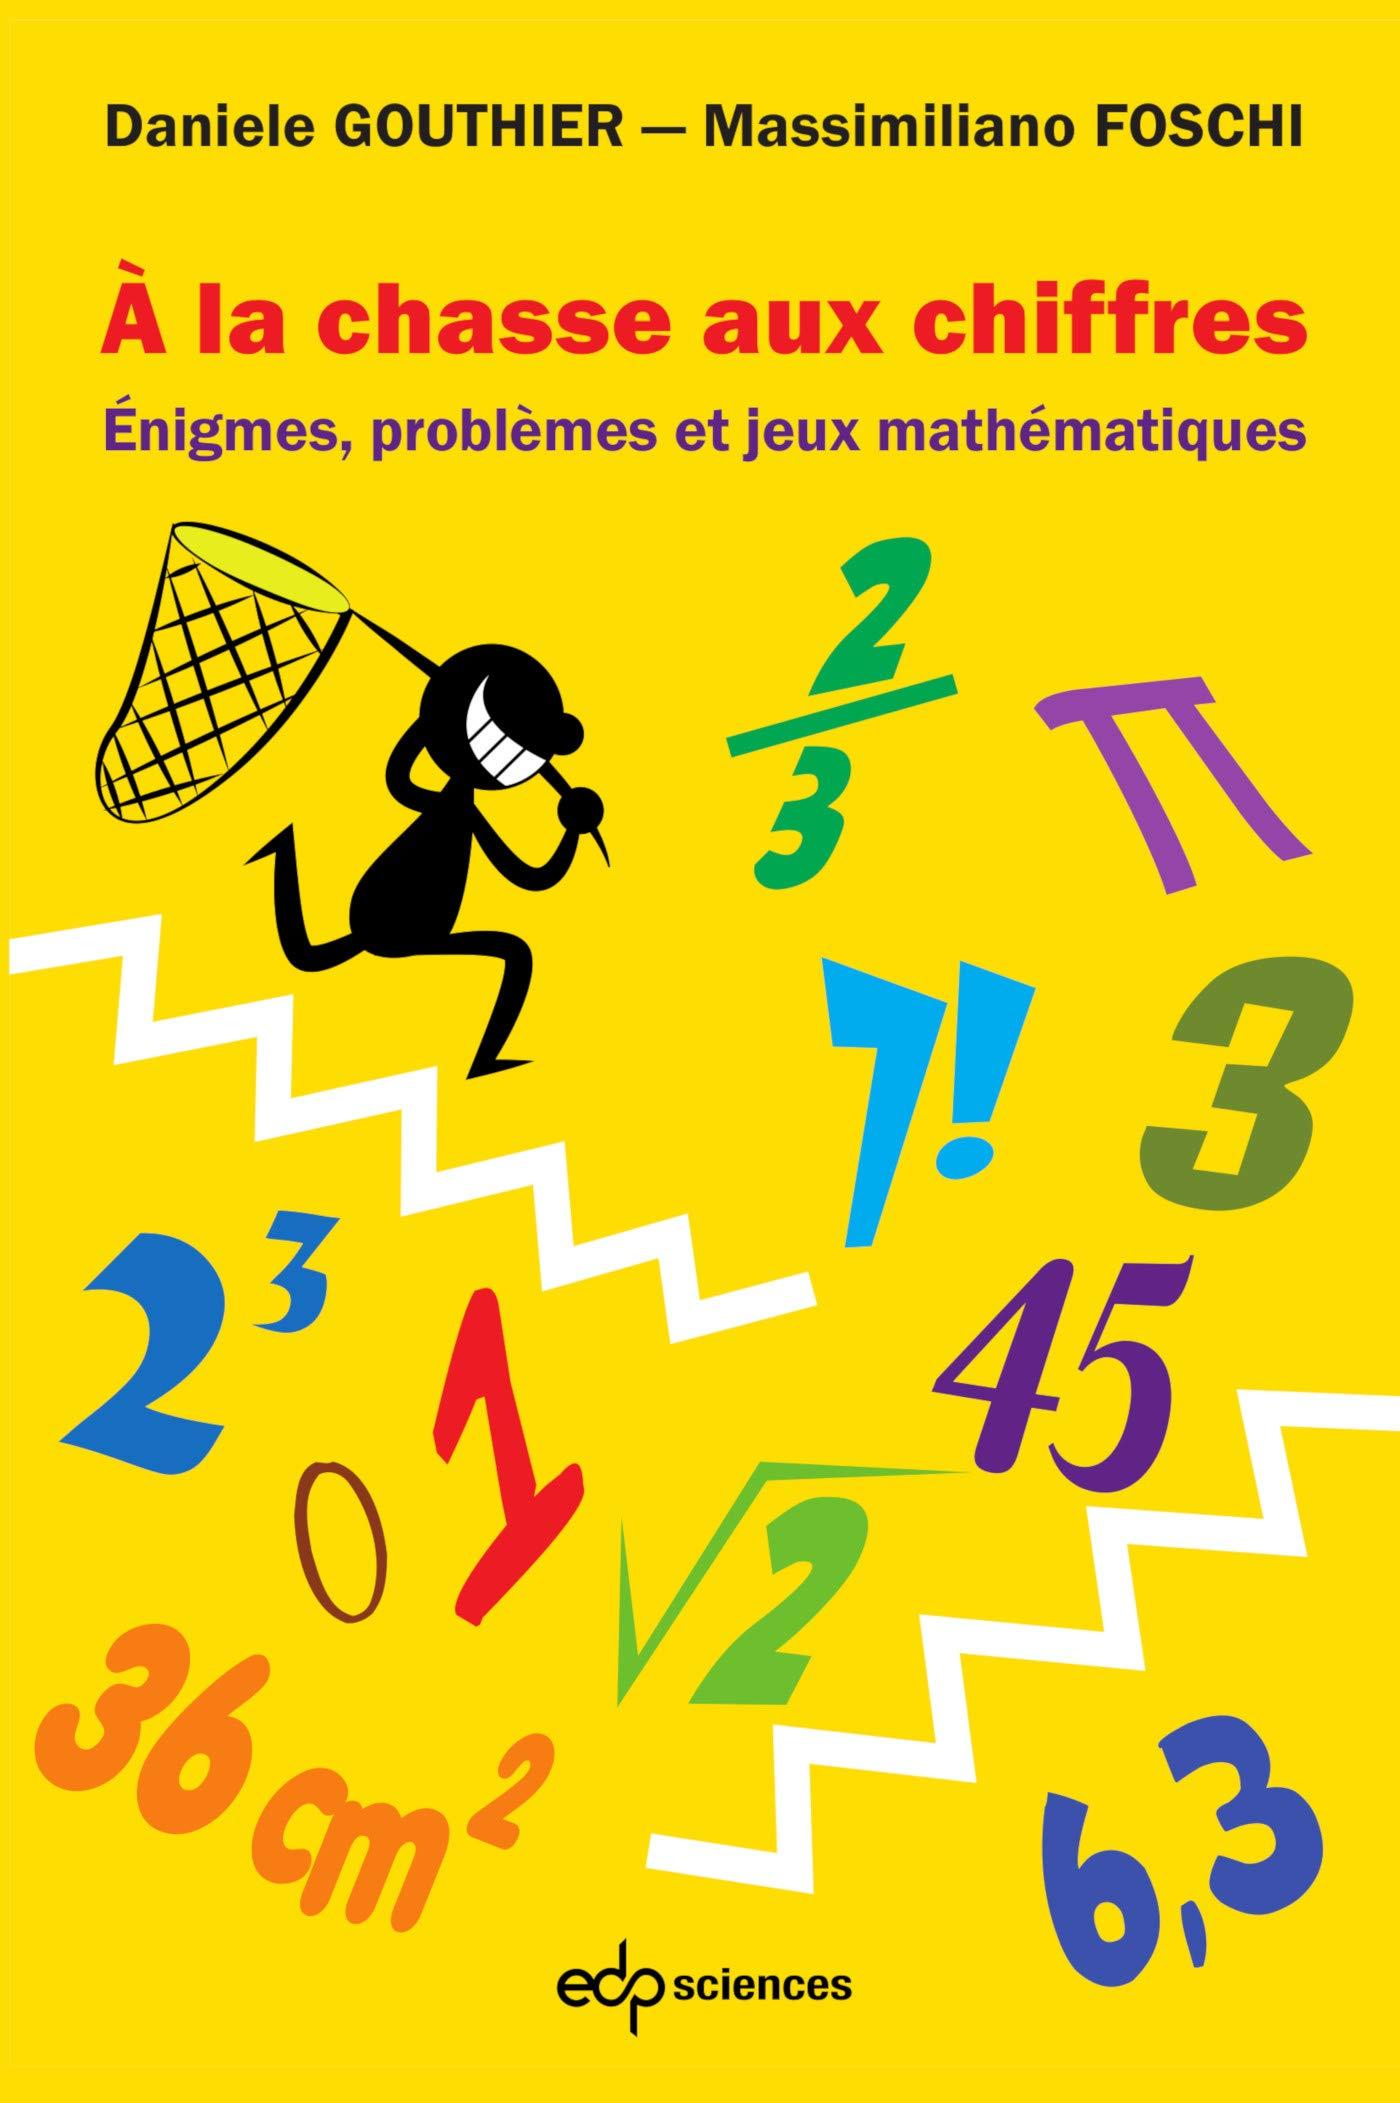 A la chasse aux chiffres : Enigmes, problèmes et jeux mathématiques